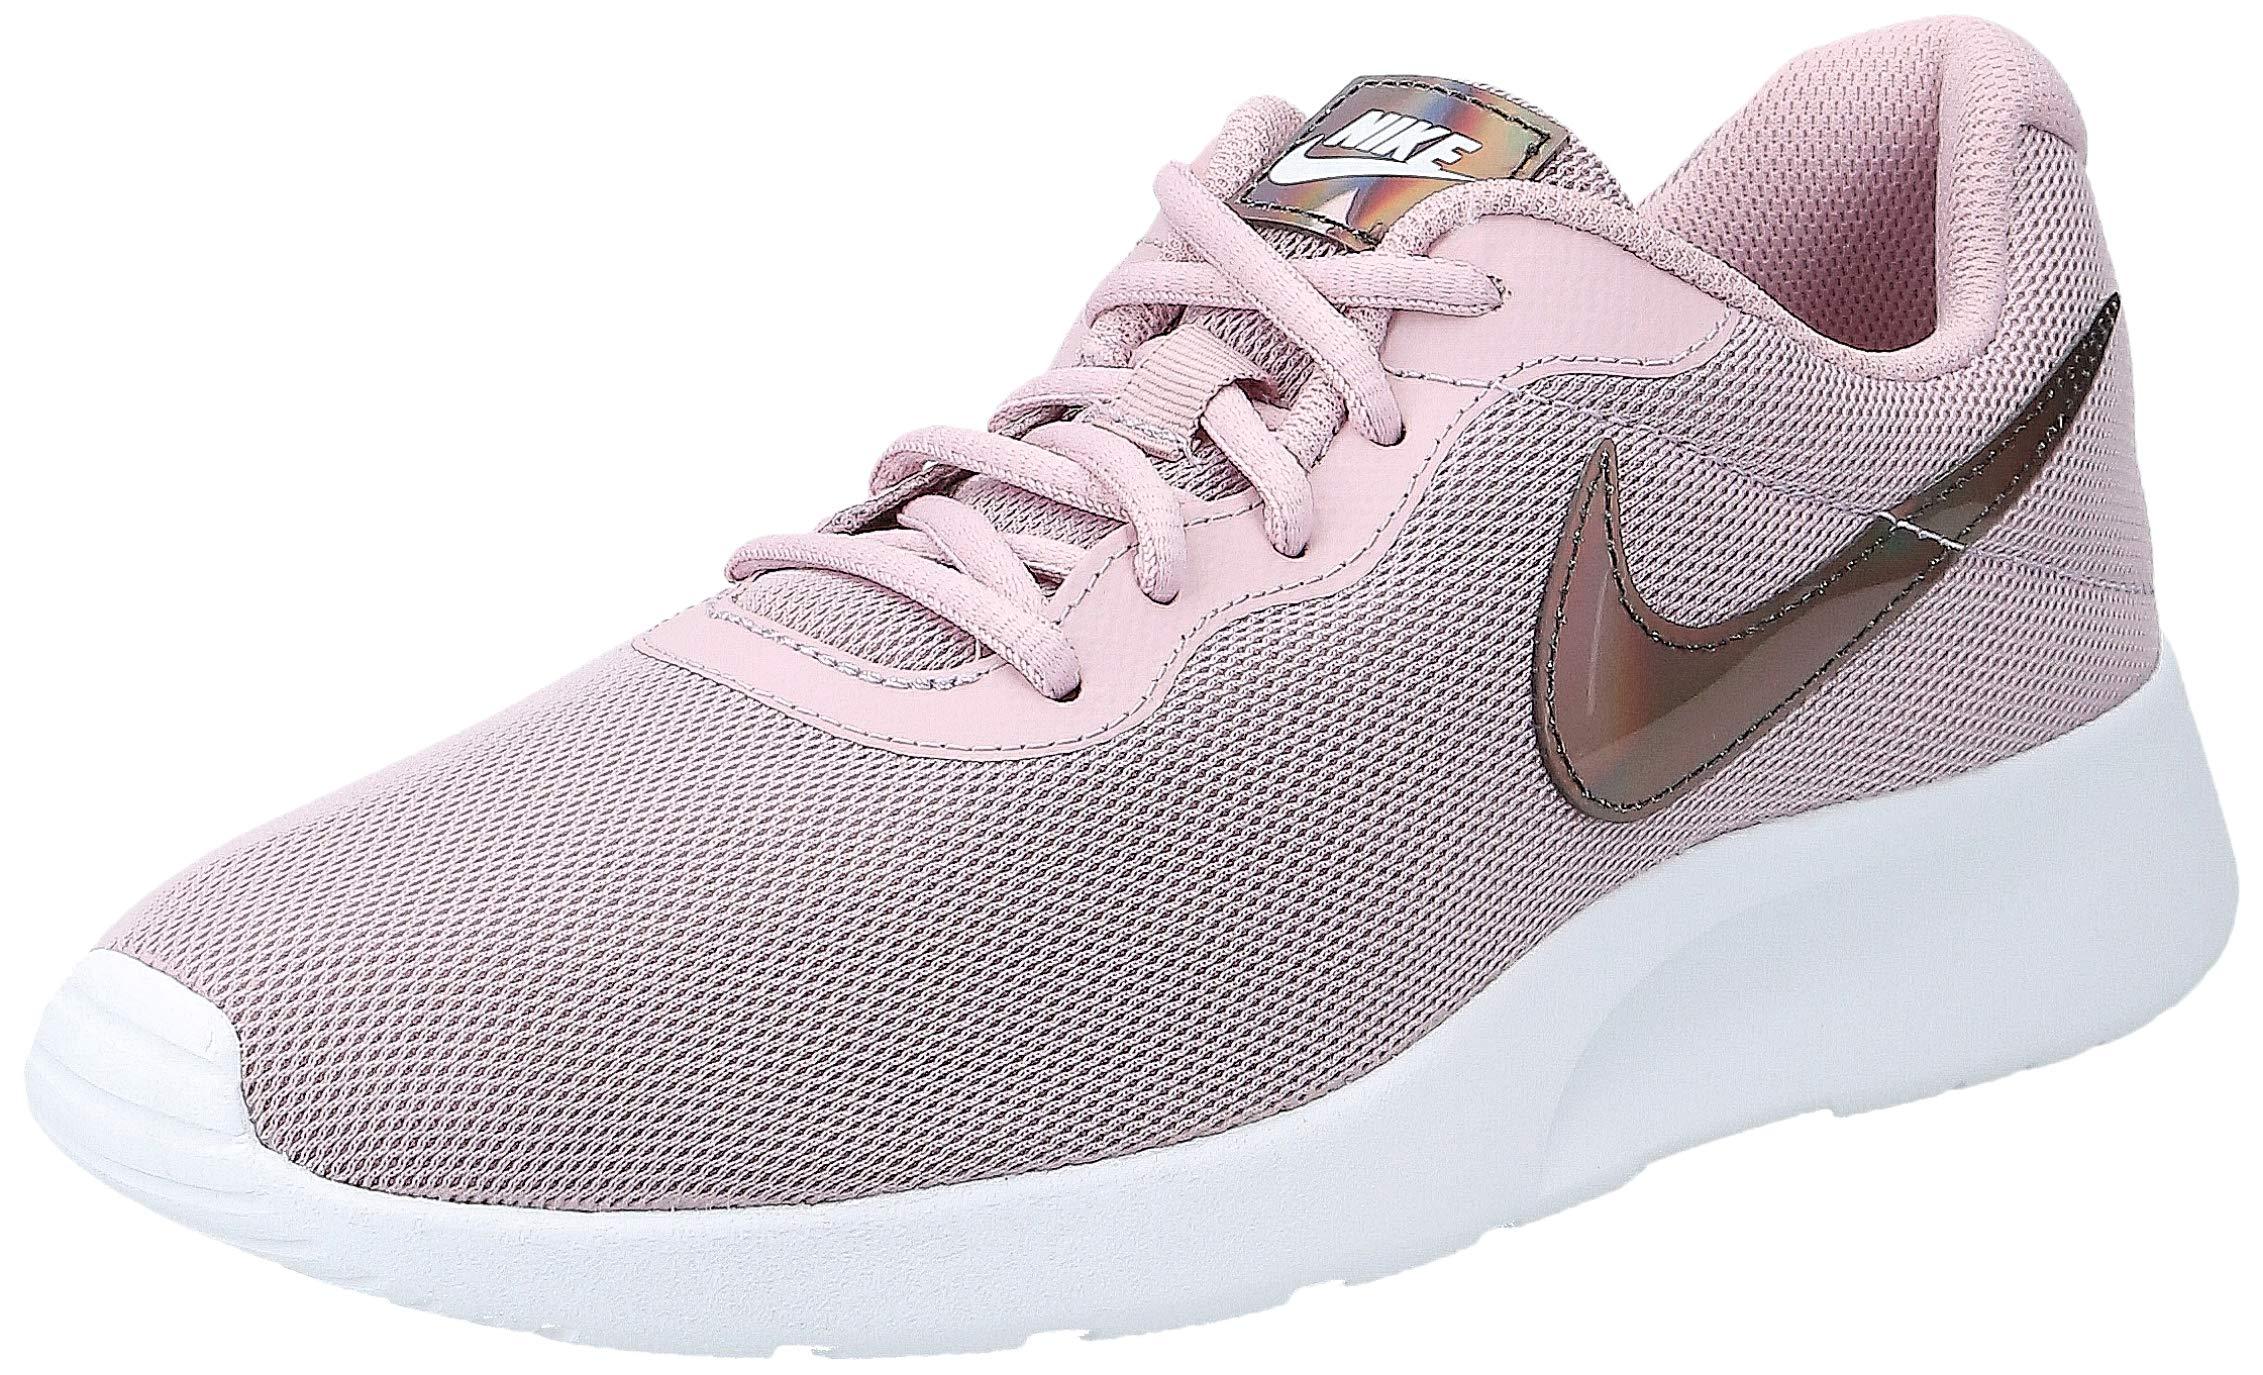 Tanjun Shoe Plum Chalk/White Size